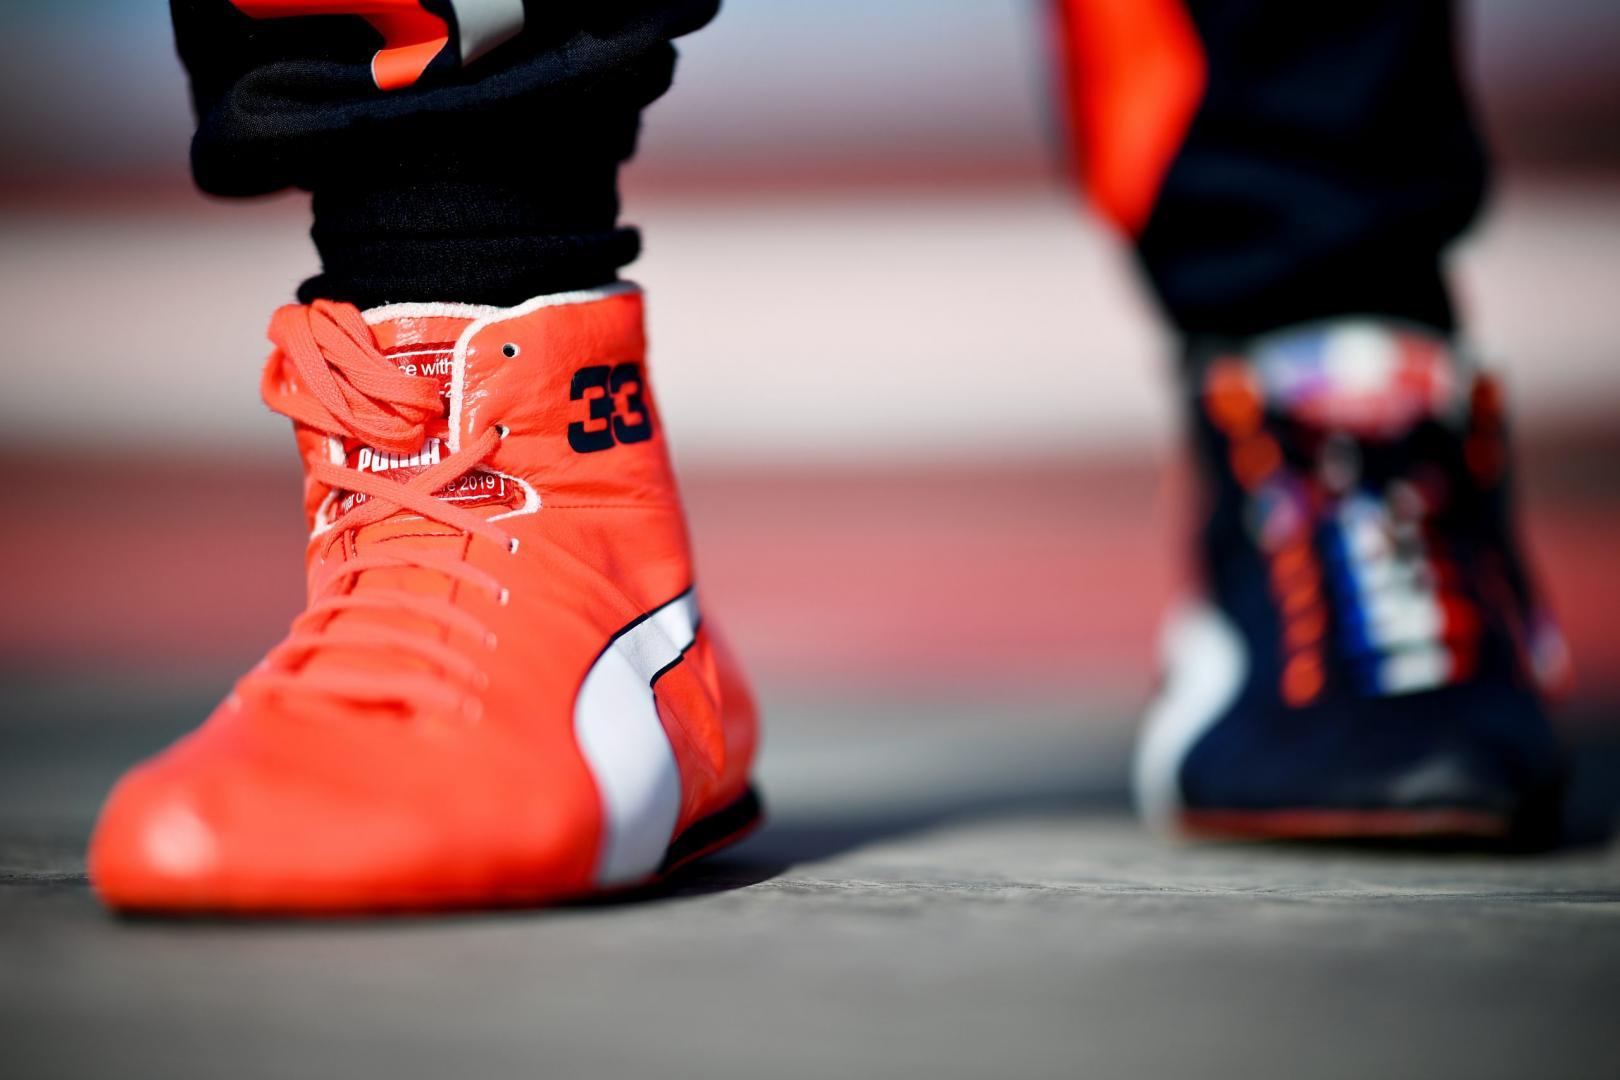 GP van Bahrein 2019 Red Bull Max Verstappen schoenen